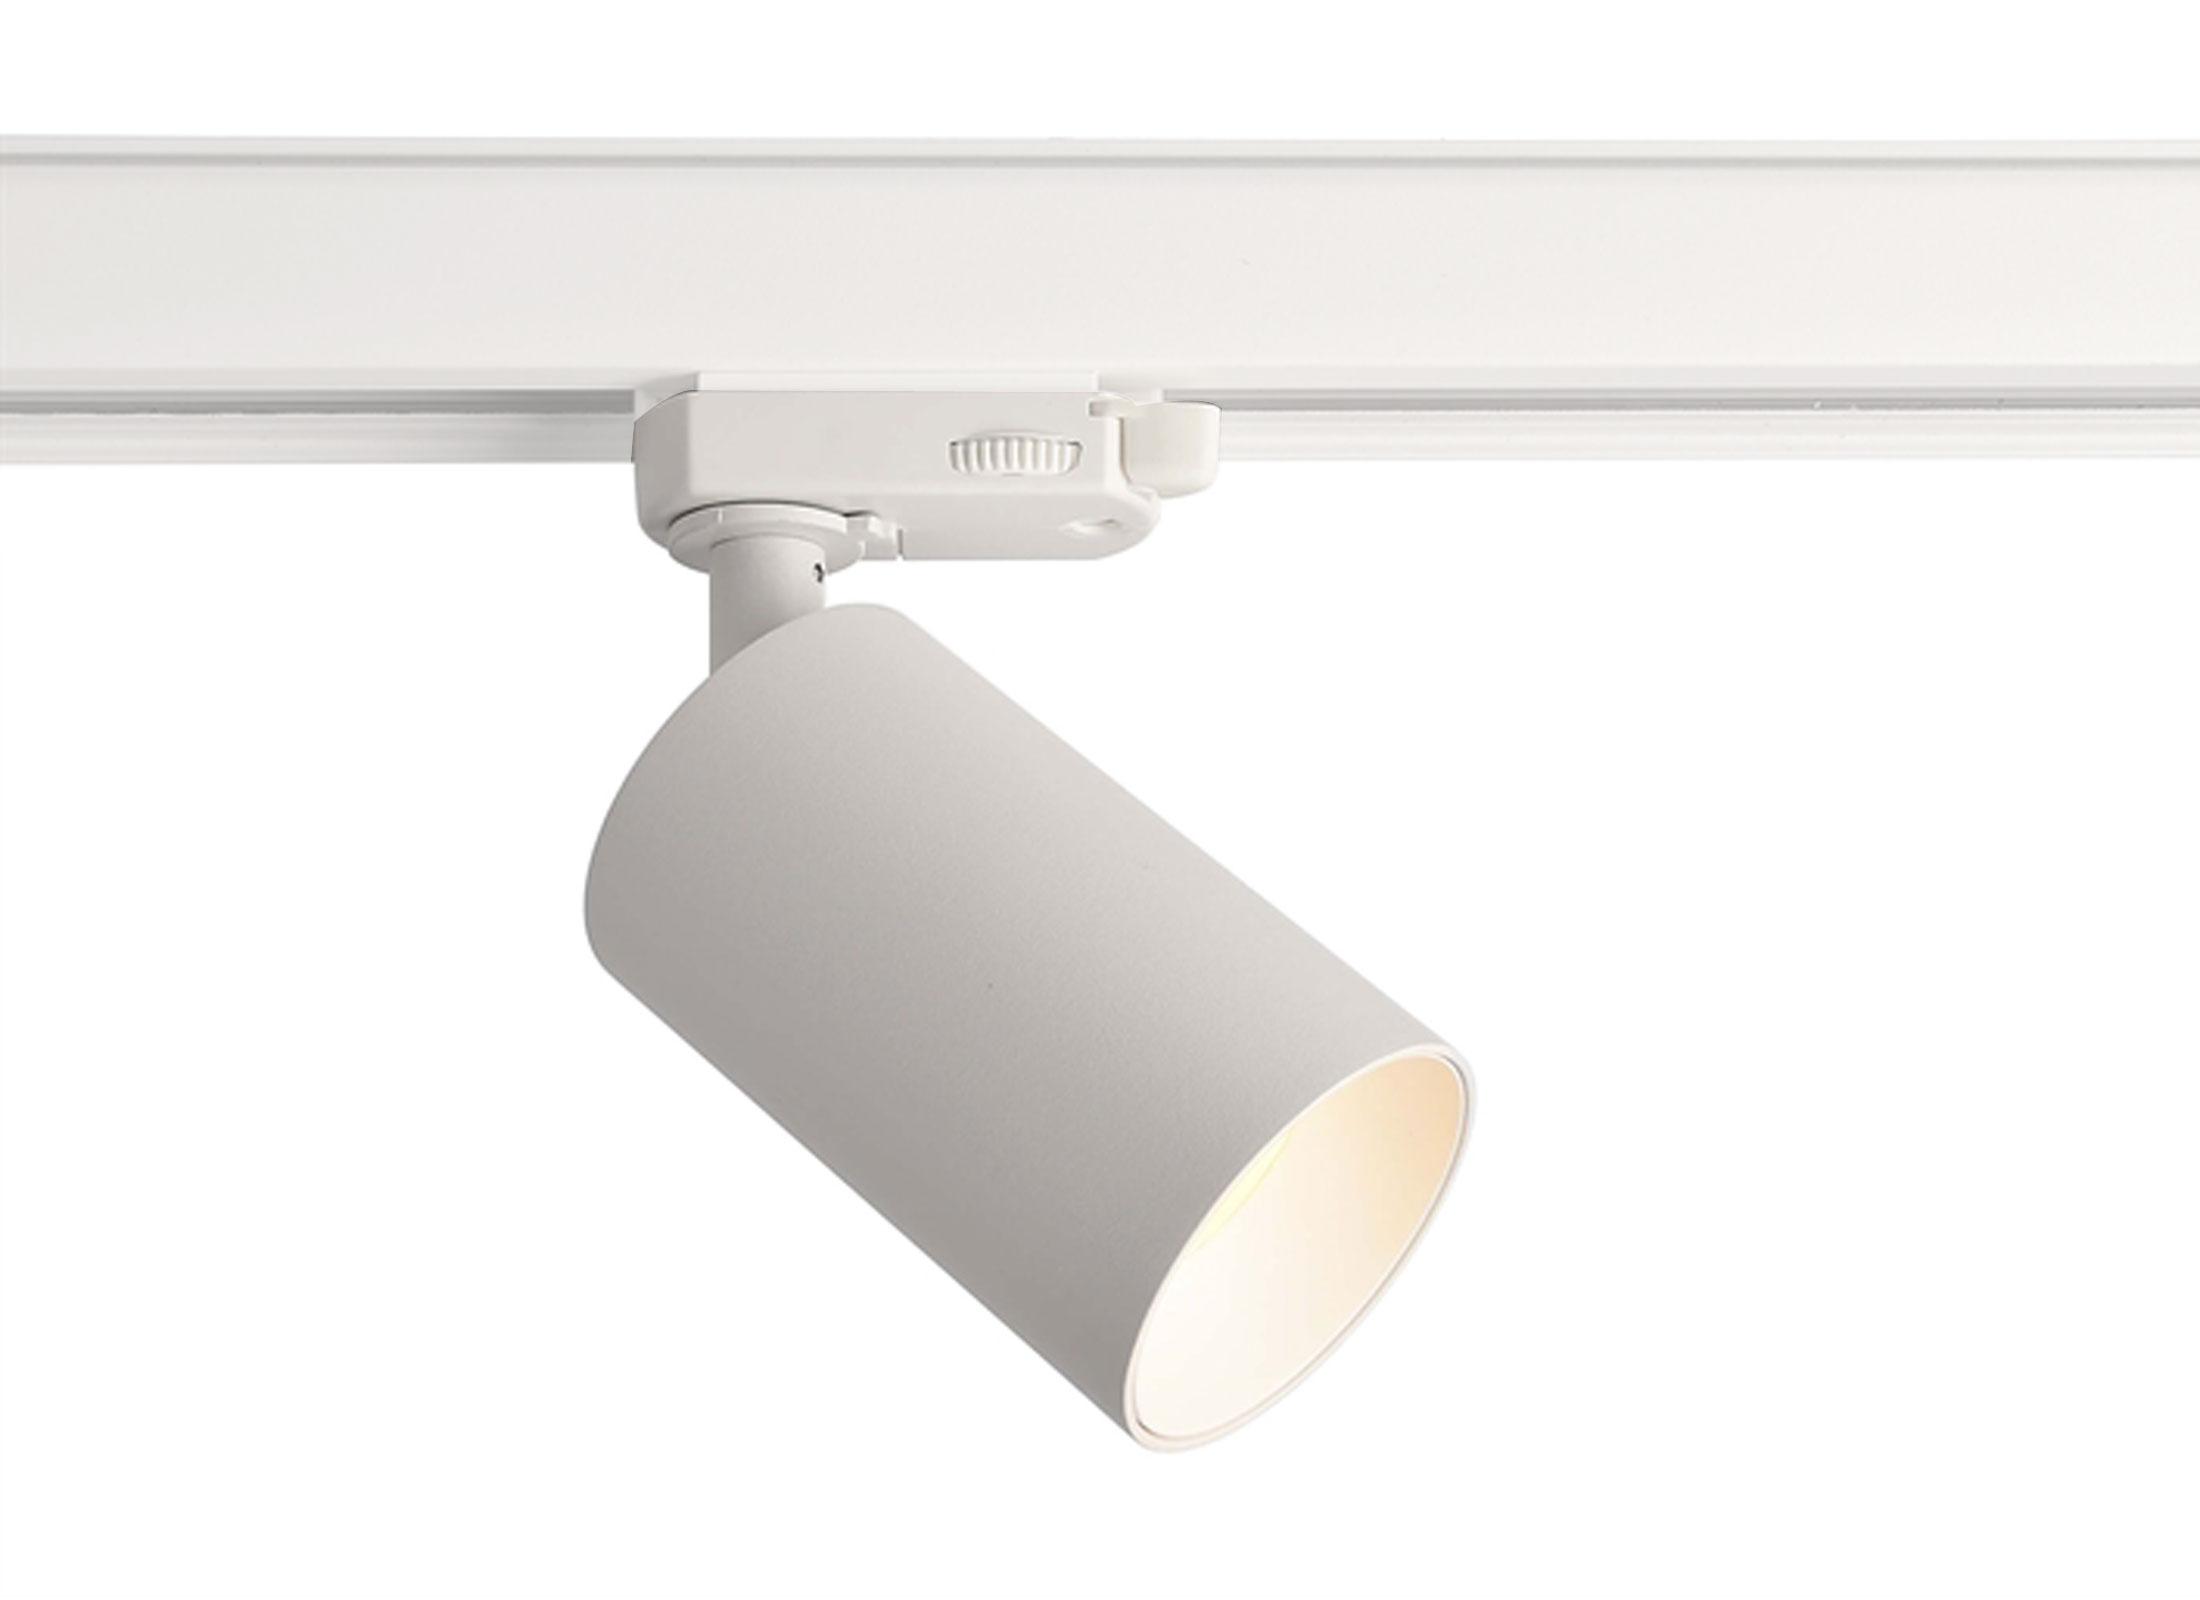 Deko Light Can Stromschienen Leuchte, weiß, 20x 20.20W, 20 Phasen, 2200V,  GU200 Sockel, OHNE LEUCHTMITTEL